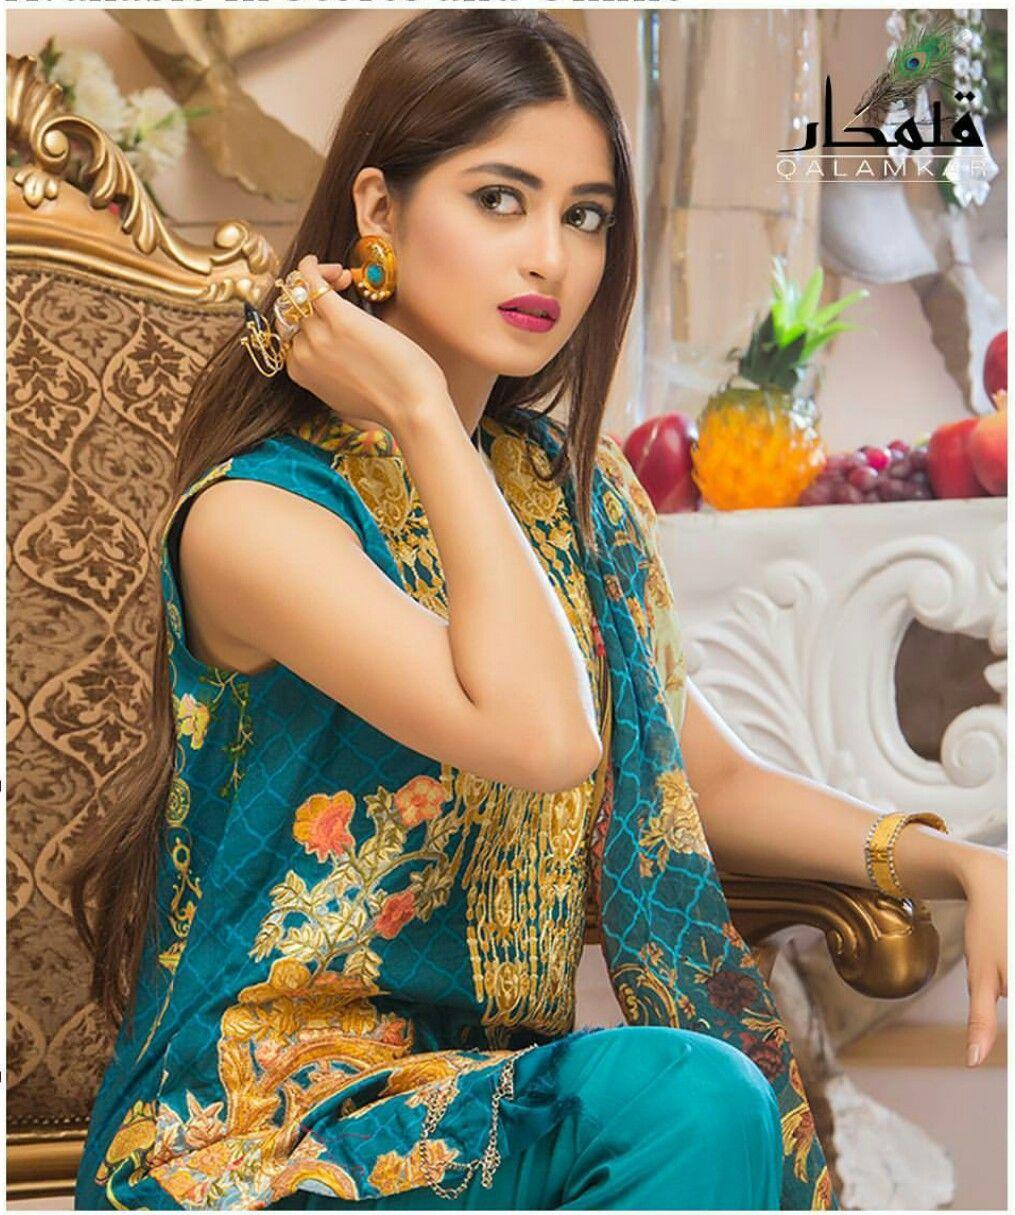 Sajal ali | Sajal ali wedding, Sajal ali, Pakistani bride